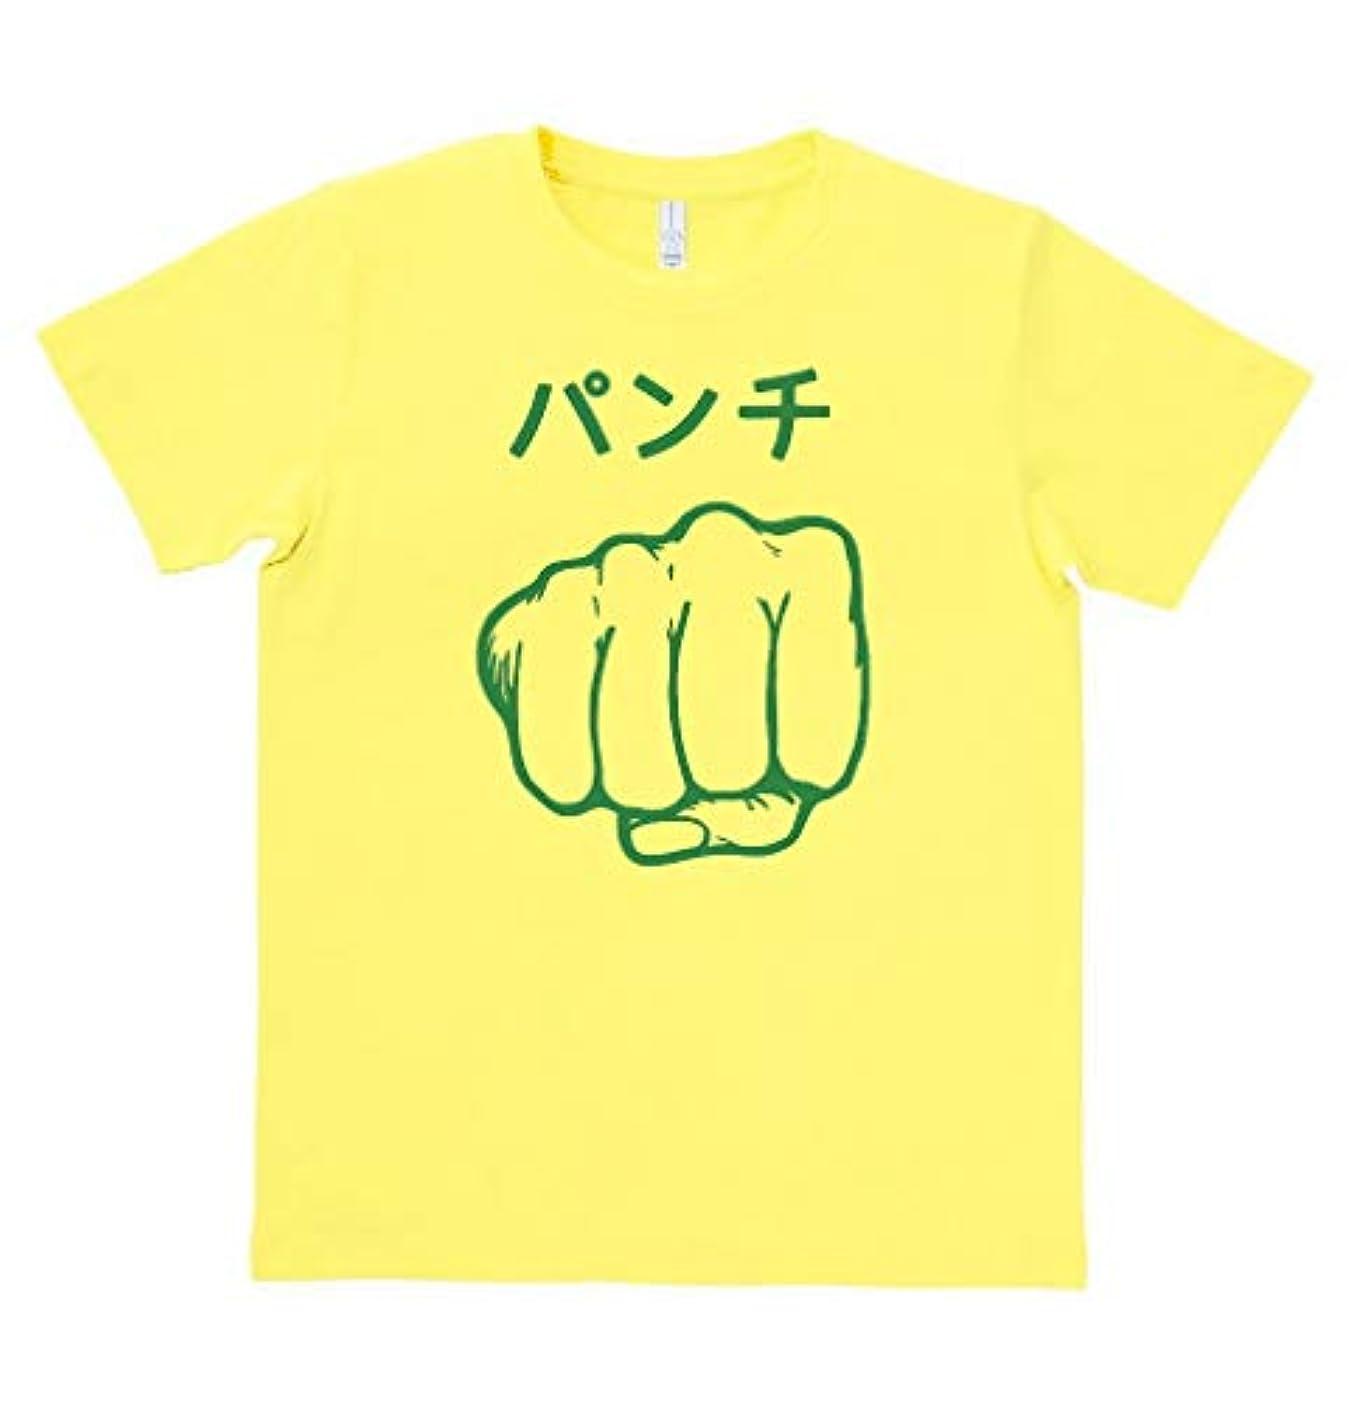 骨折ヒール容量おもしろ Tシャツ パンチ ライトイエロー MLサイズ